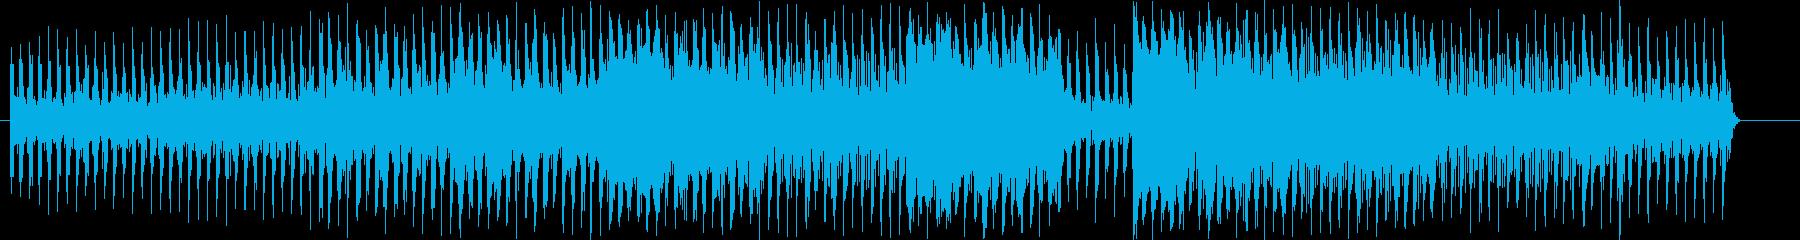 躍動、スリル、緊張、淡々、追跡の再生済みの波形